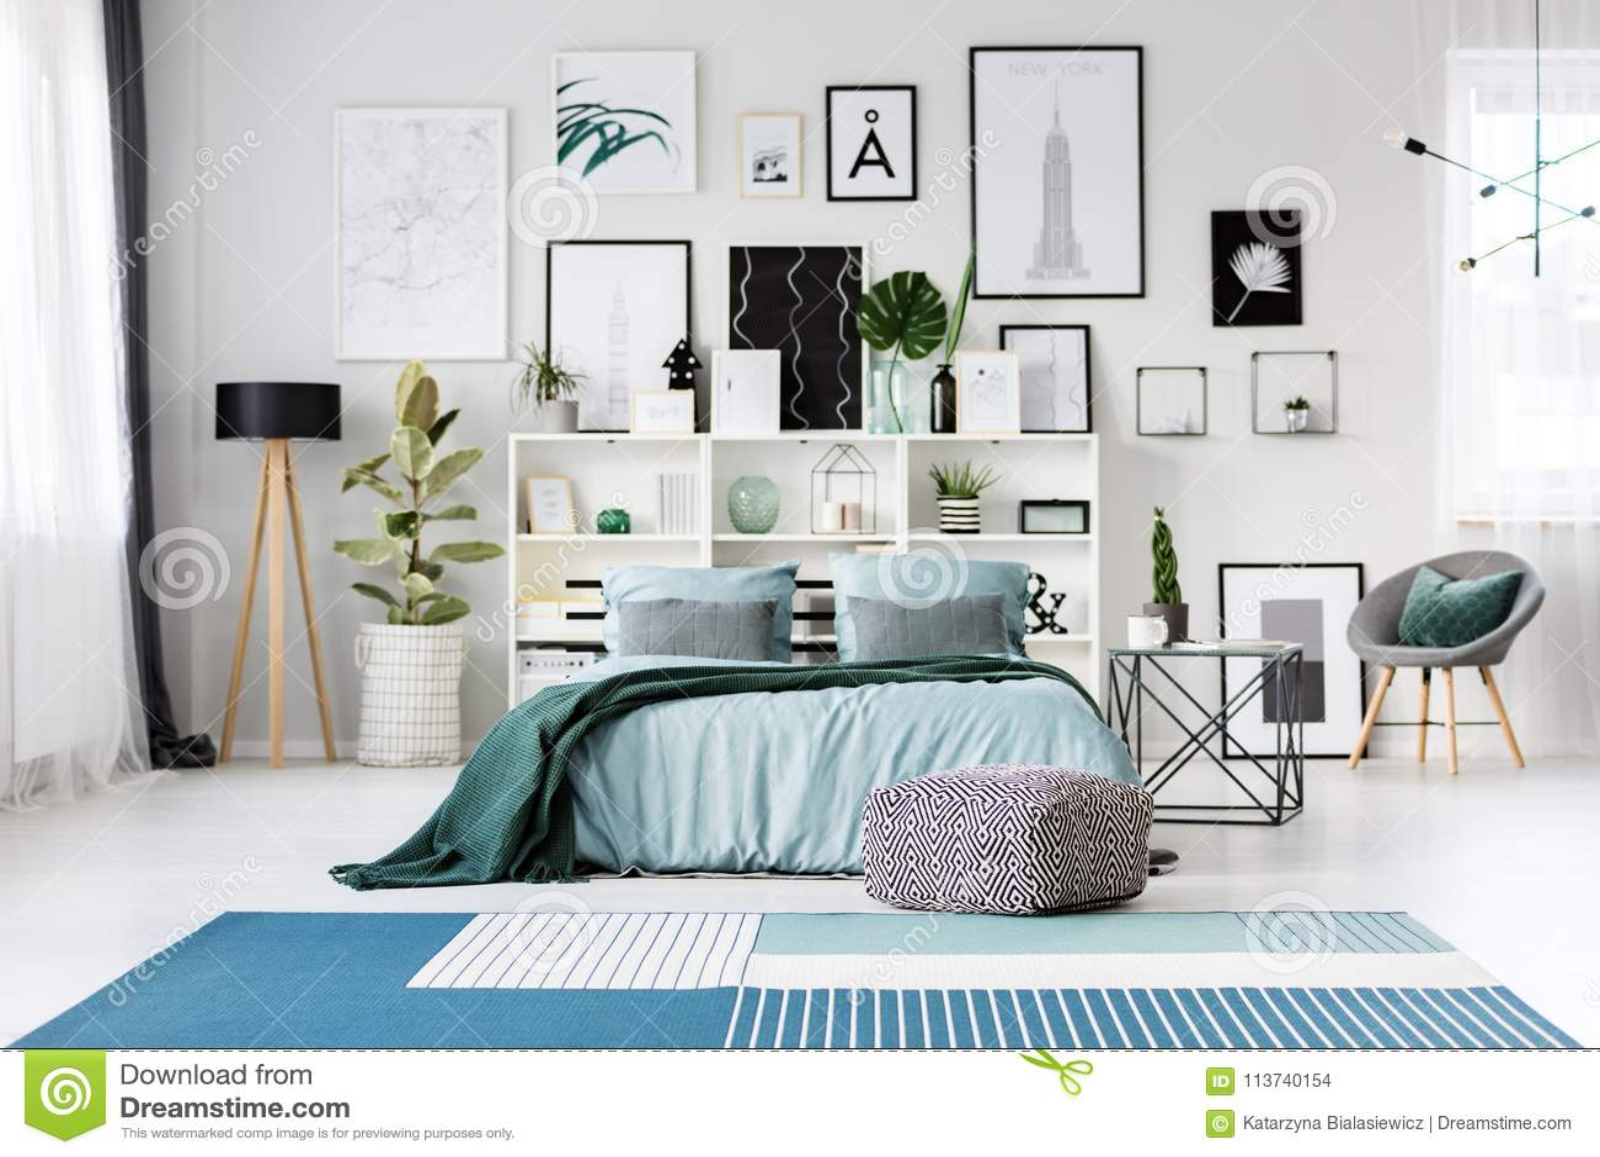 Camere Da Letto Blu : Letto blu in camera da letto fotografia stock immagine di